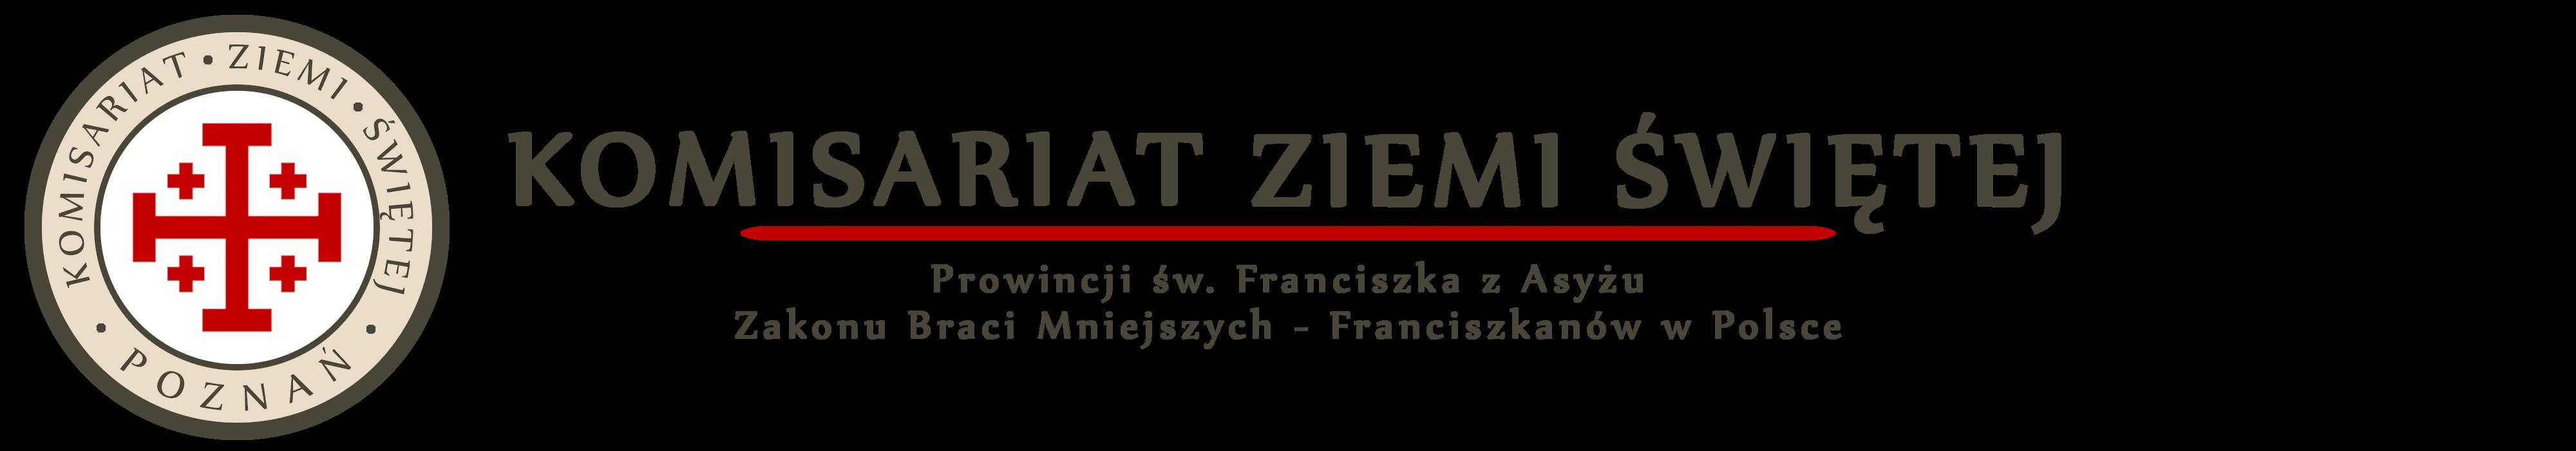 Komisariat Ziemi Świętej w Poznaniu